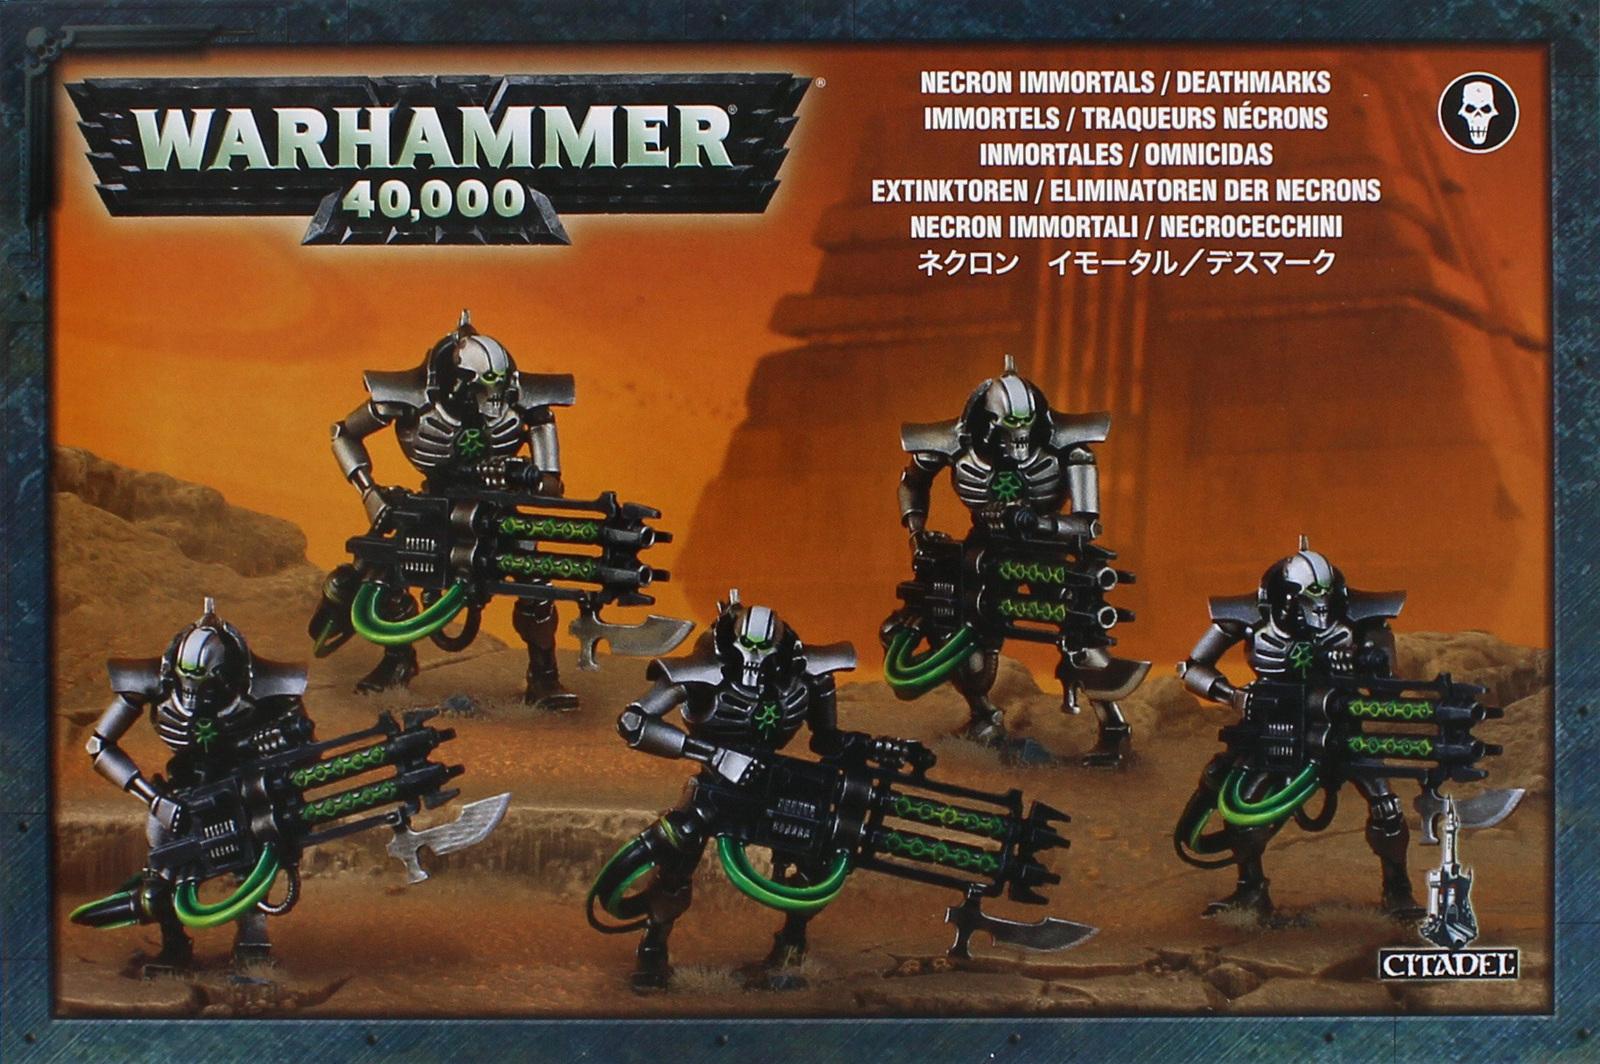 Warhammer 40,000 Necron Immortals / Deathmarks image